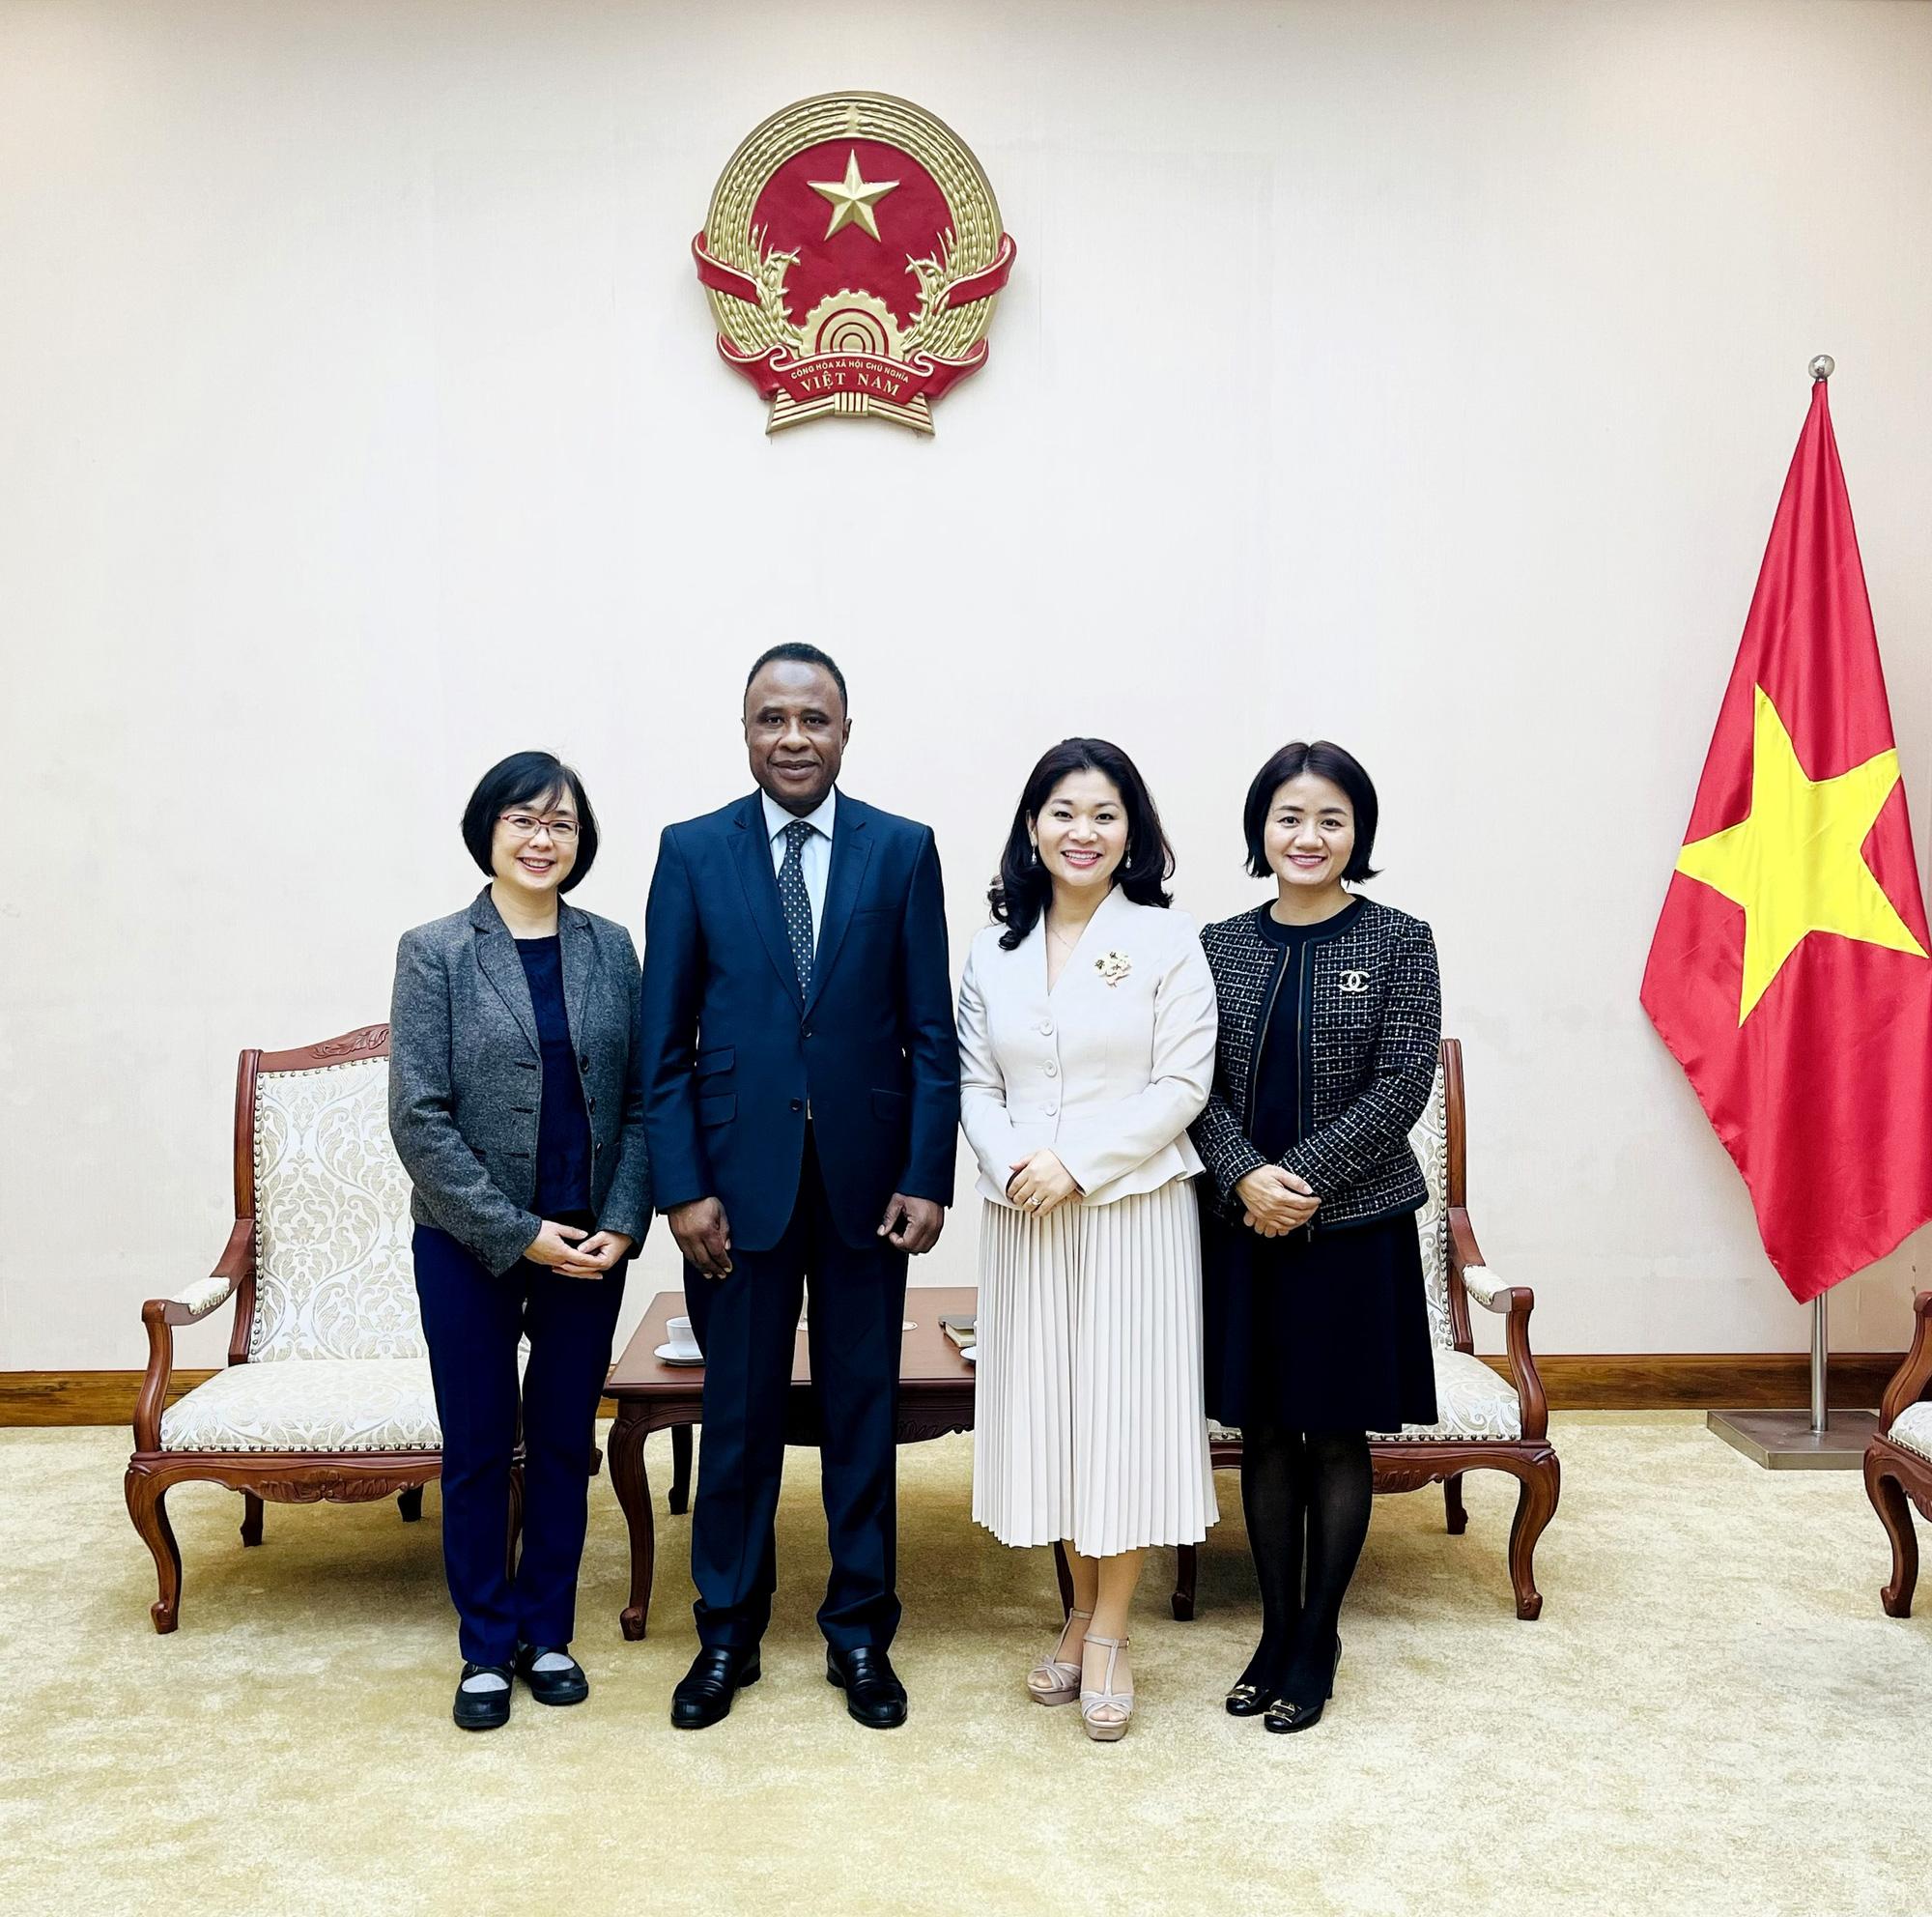 Cục trưởng Cục Hợp tác quốc tế tiếp Ông Chékou Oussouman  Trưởng đại diện tổ chức quốc tế Pháp ngữ OIF, khu vực châu Á  Thái Bình Dương tại Việt Nam - Ảnh 3.